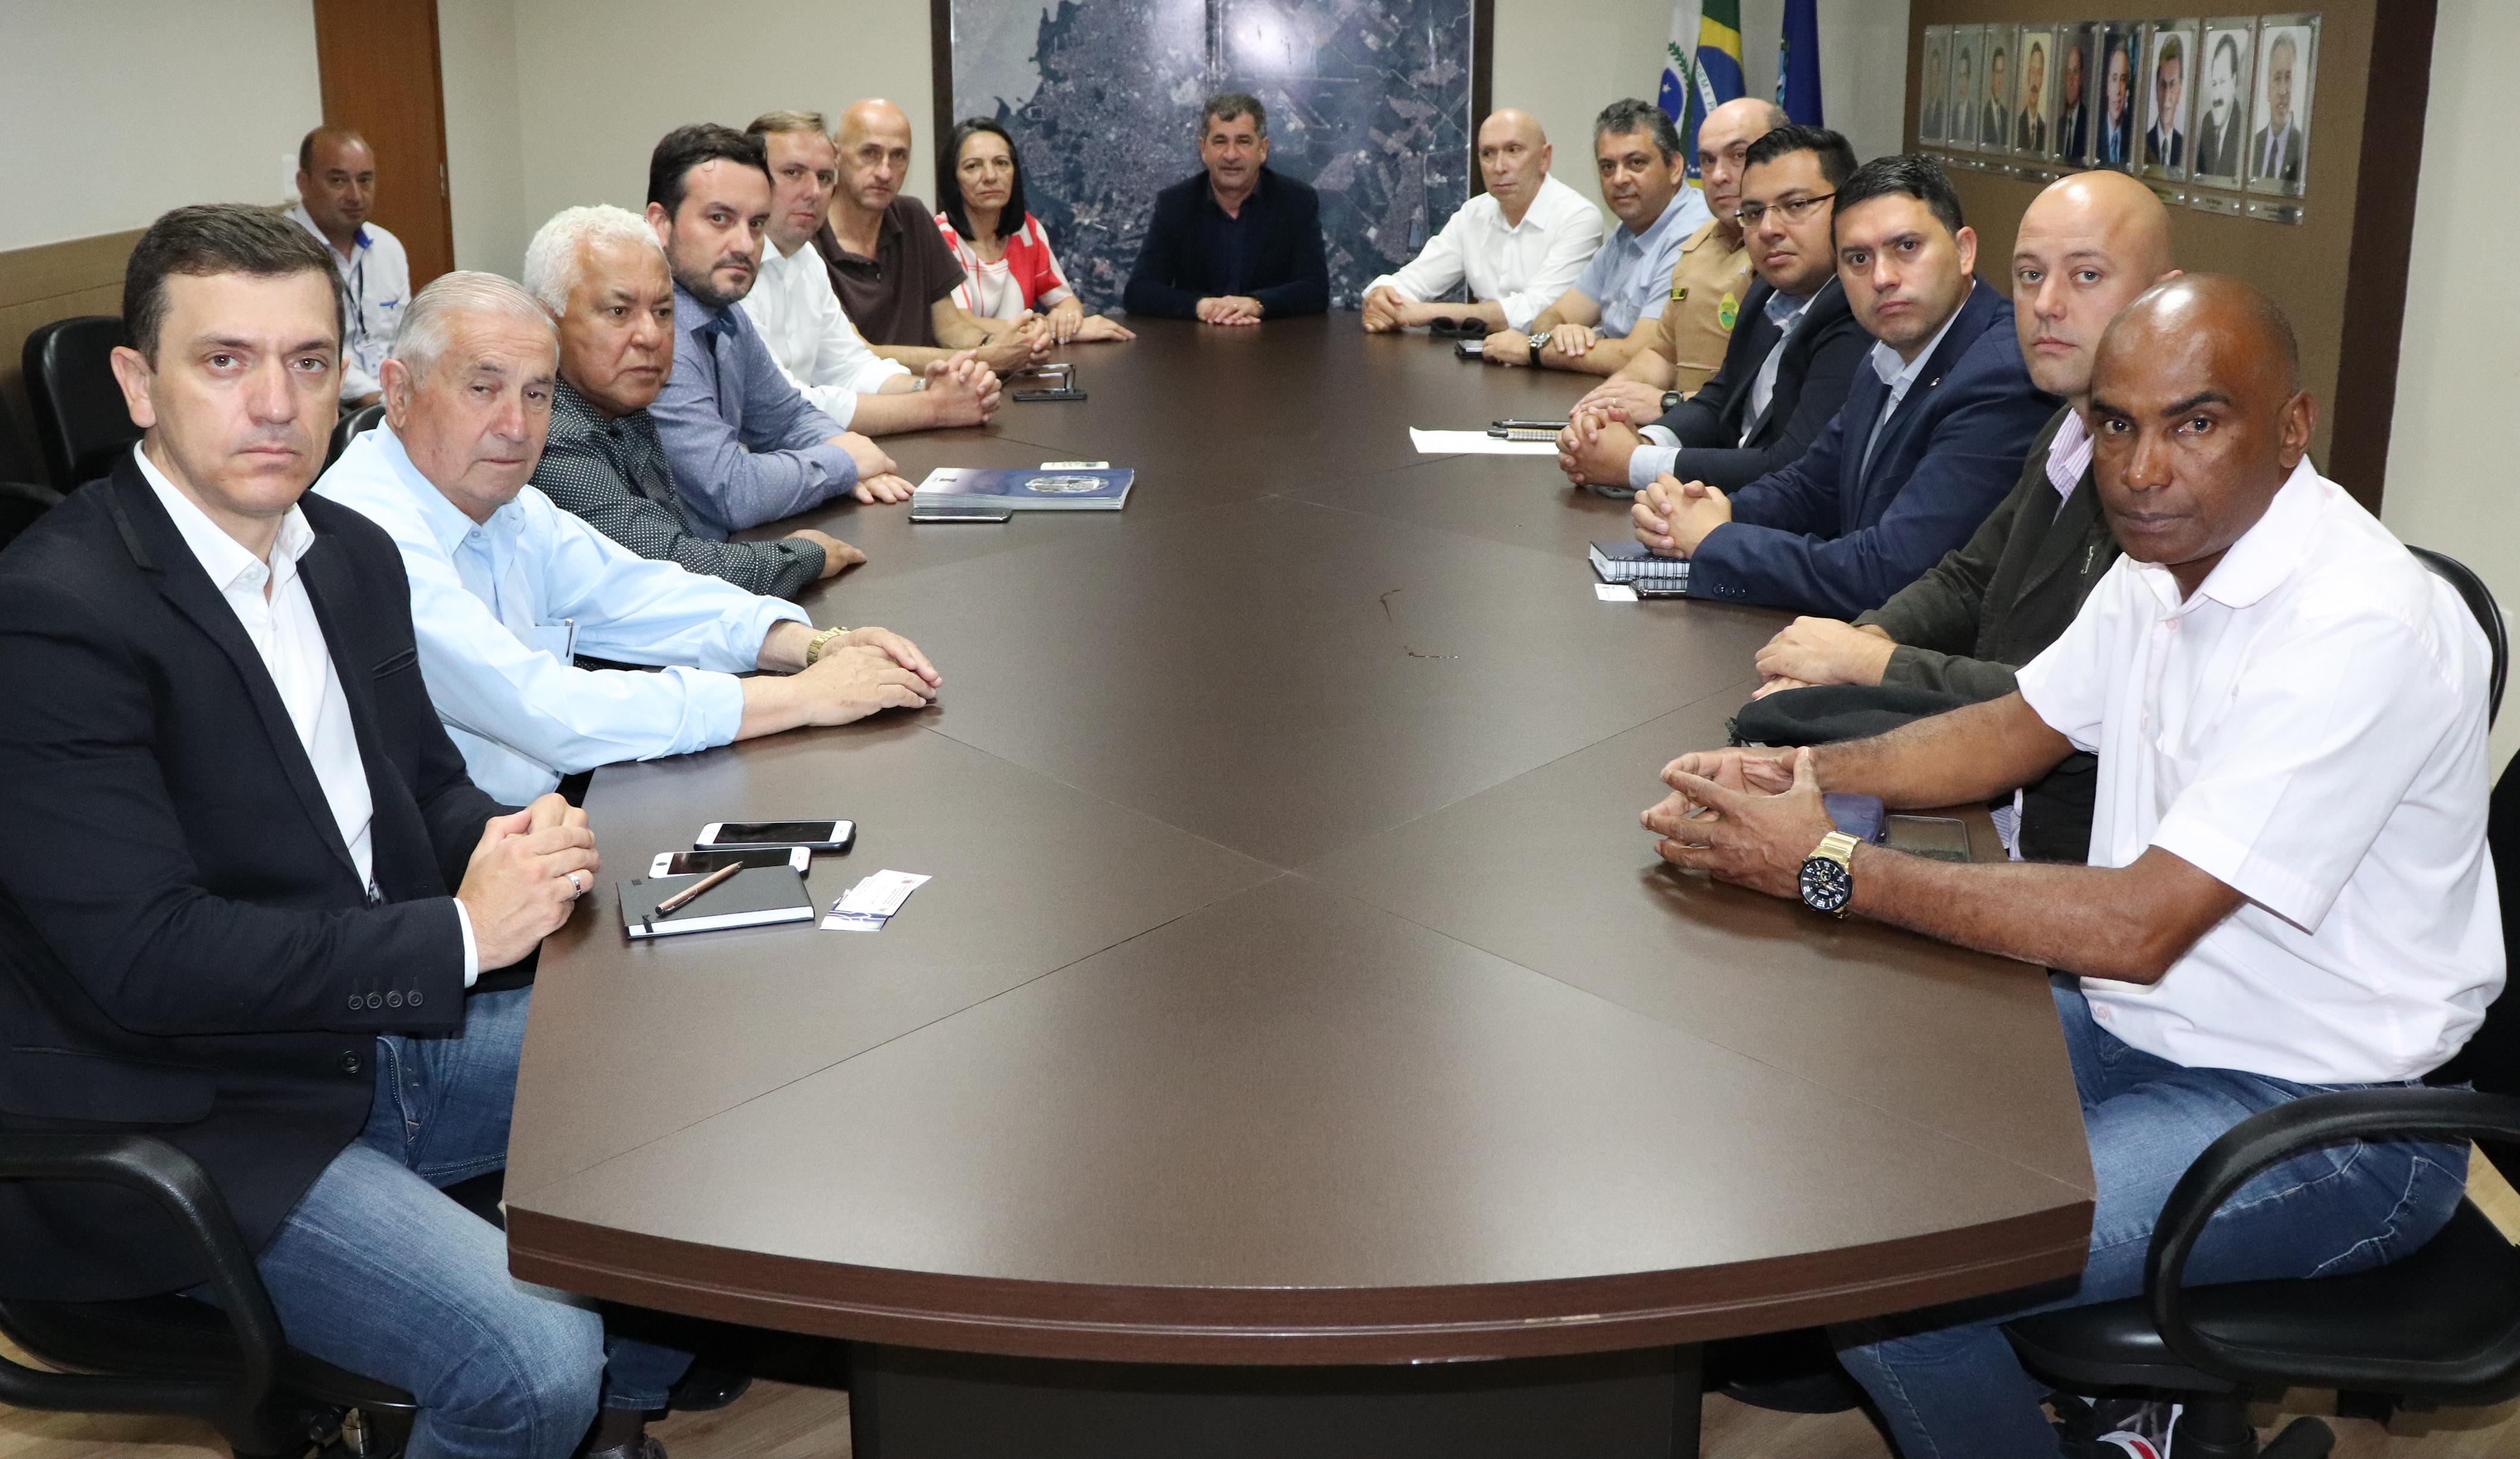 Vereador Luiz Paulo e comissão de segurança se reúnem com prefeito para conhecer sistema de monitoramento urbano